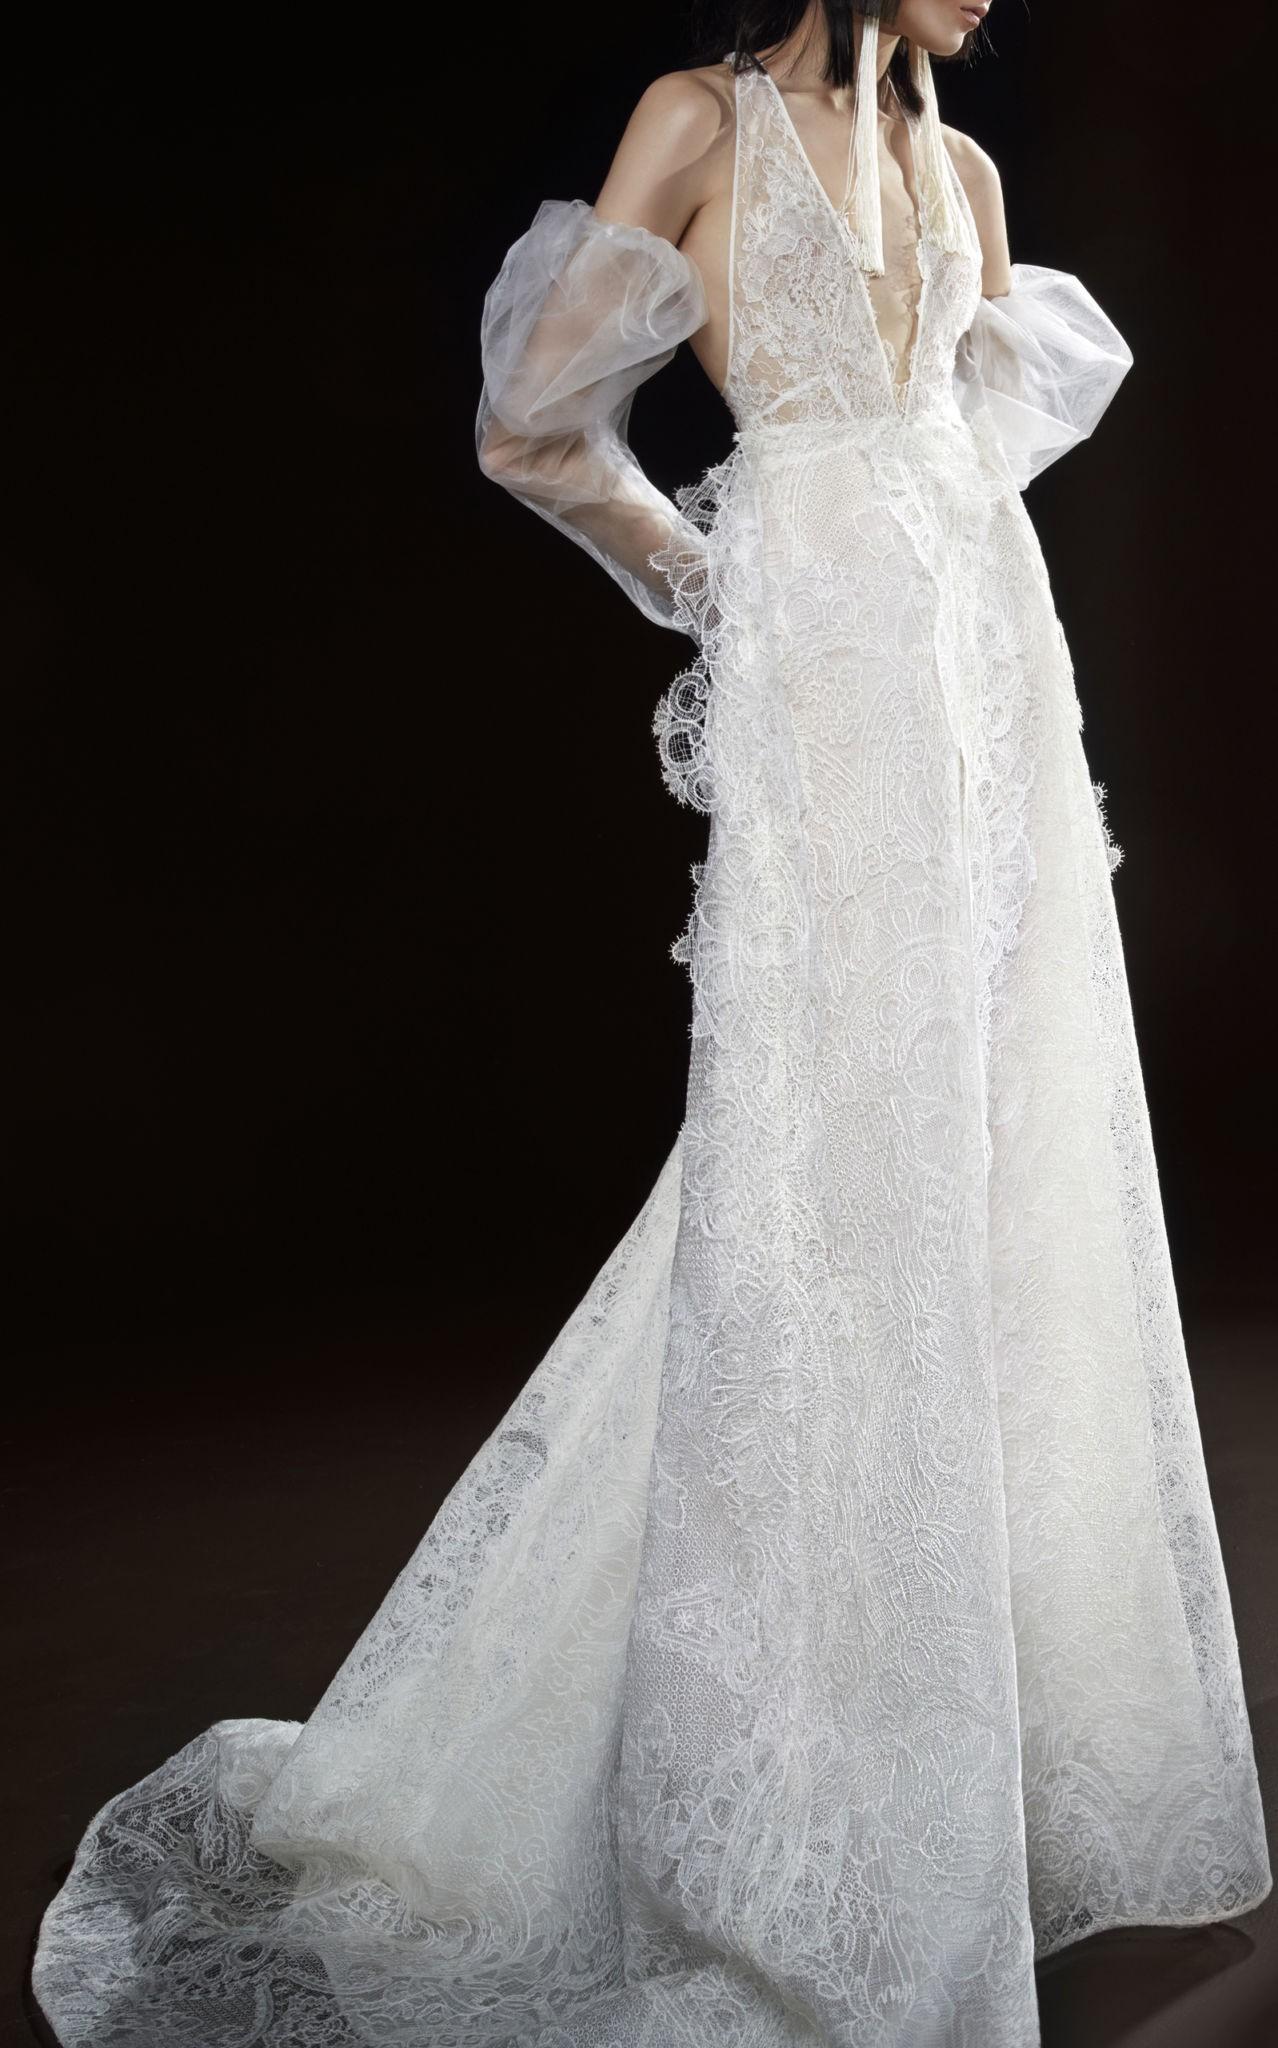 Коллекция свадебных платьев Vera Wang Spring/Summer 2018 года: The Celestine V-образный вырез кружева